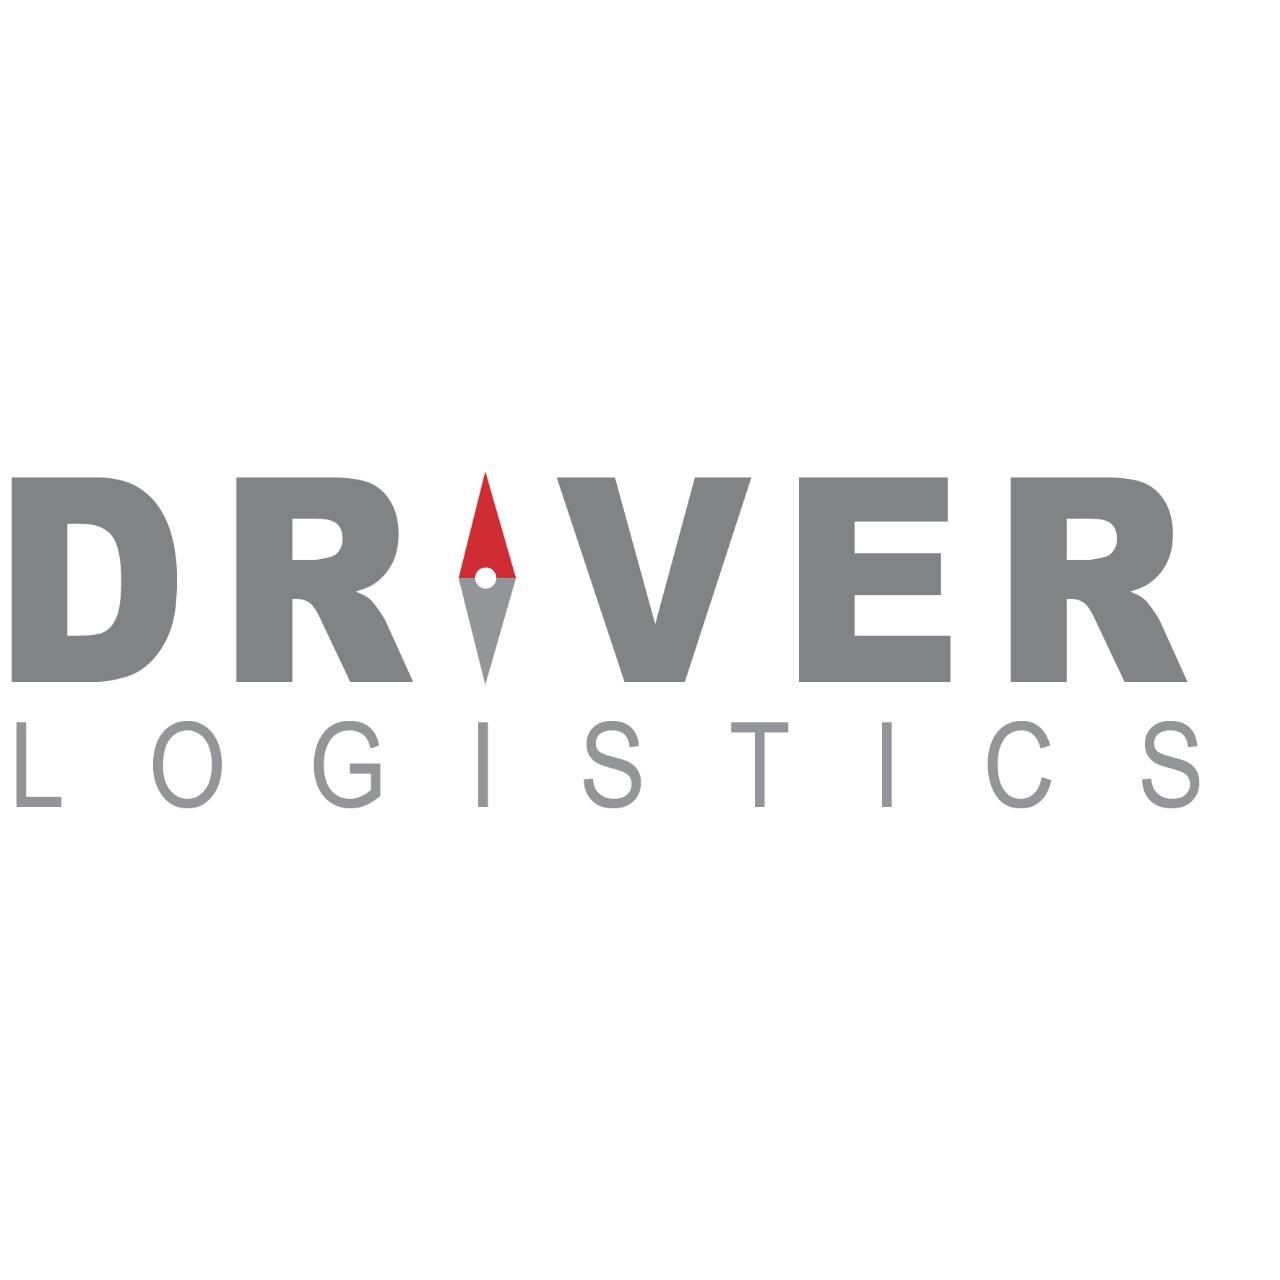 Driver Logistics Logo